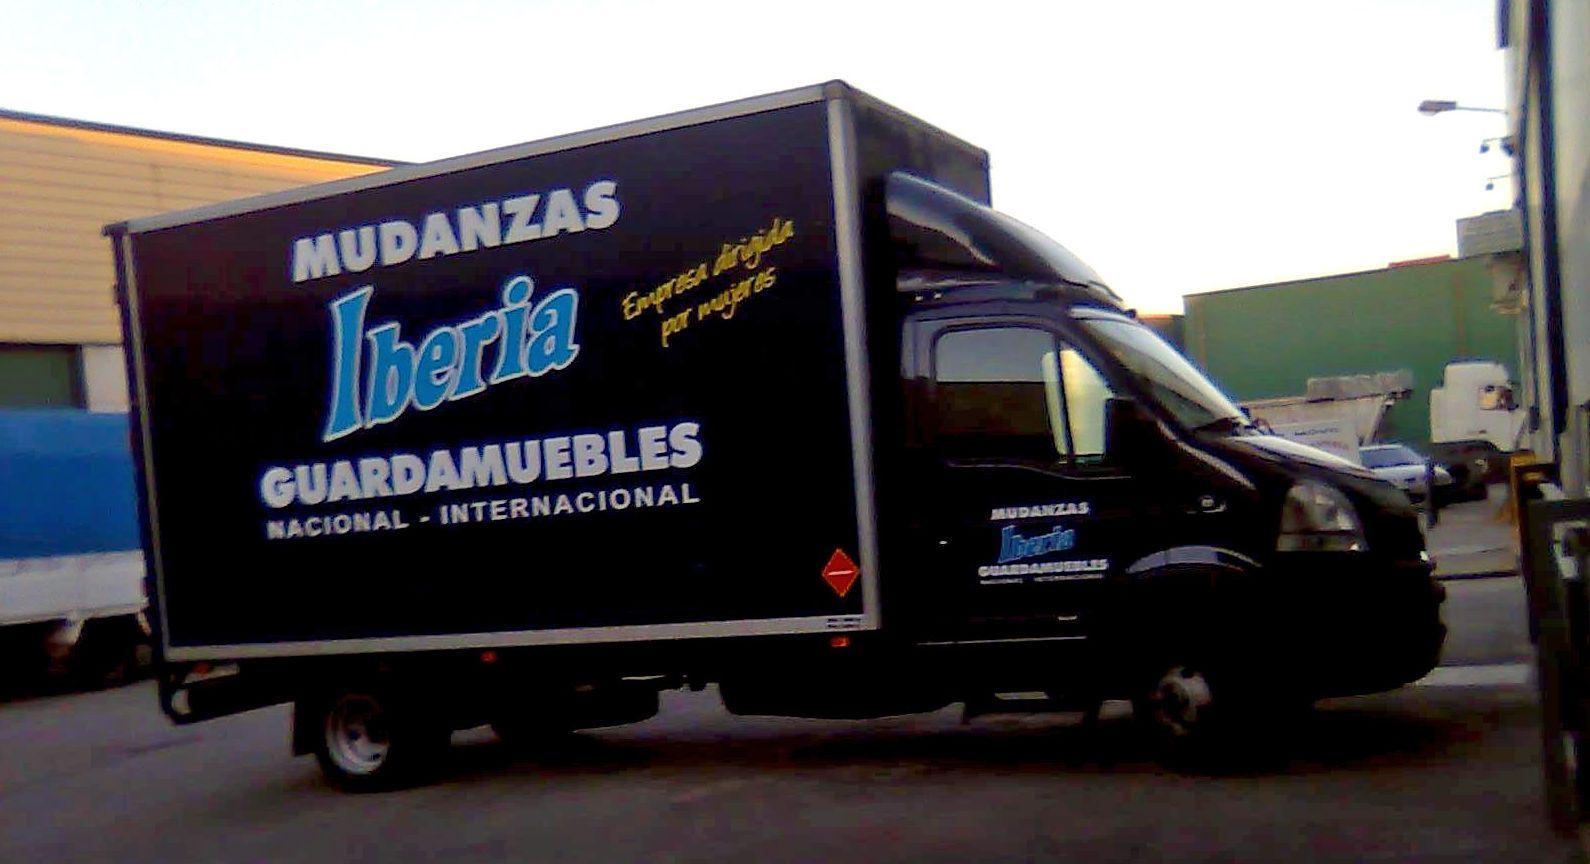 Mudanzas baratas nacionales transportes de paneles de madera for Mudanzas oficinas madrid